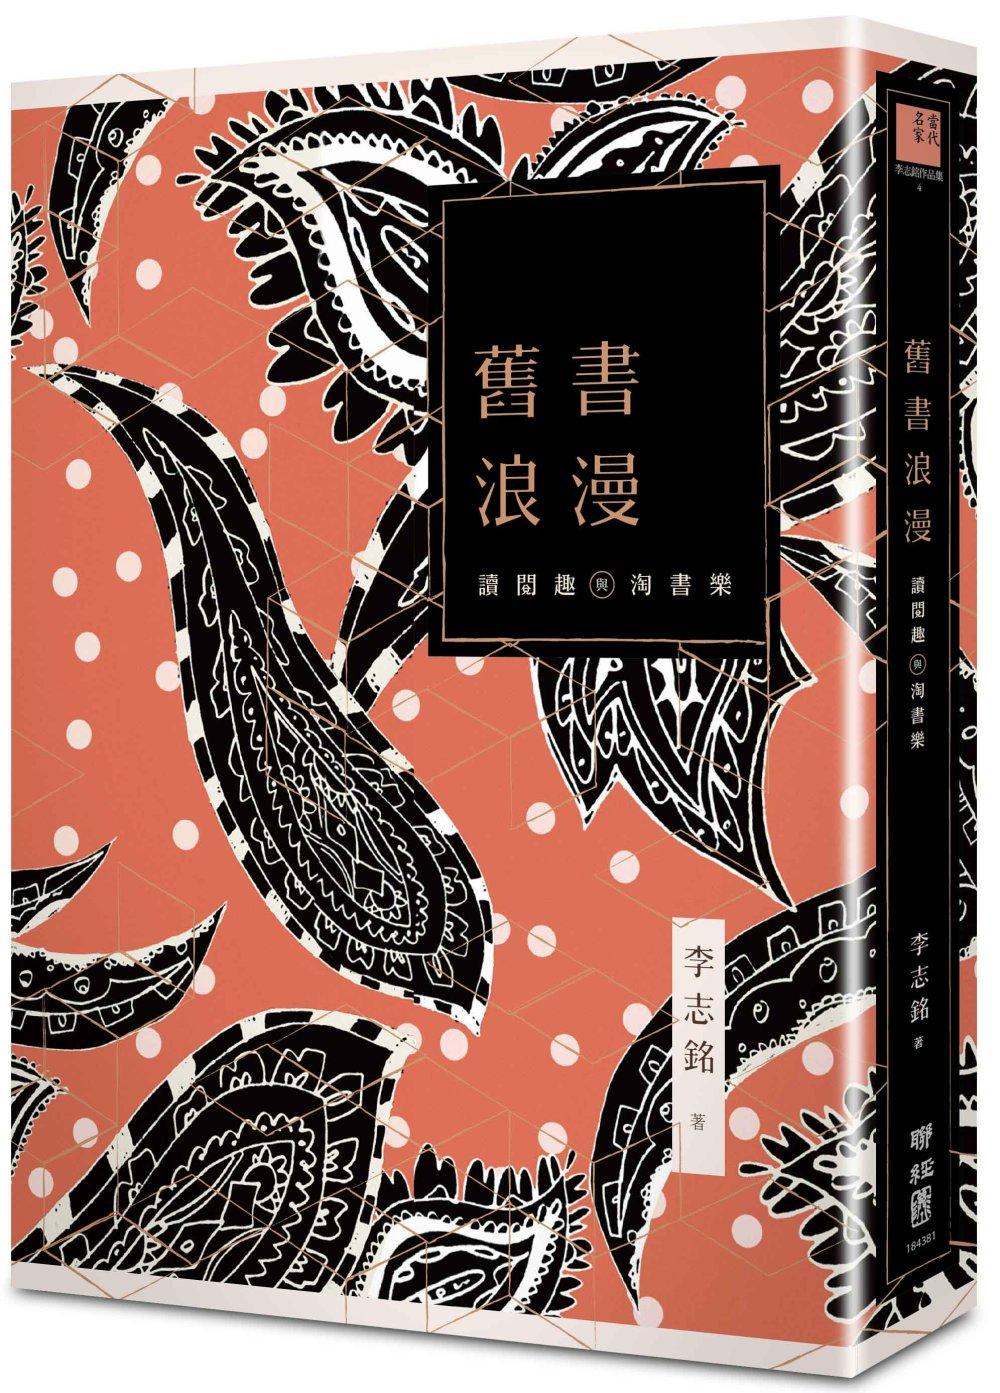 舊書浪漫:讀閱趣與淘書樂(限量典藏書盒精裝藏書票版)